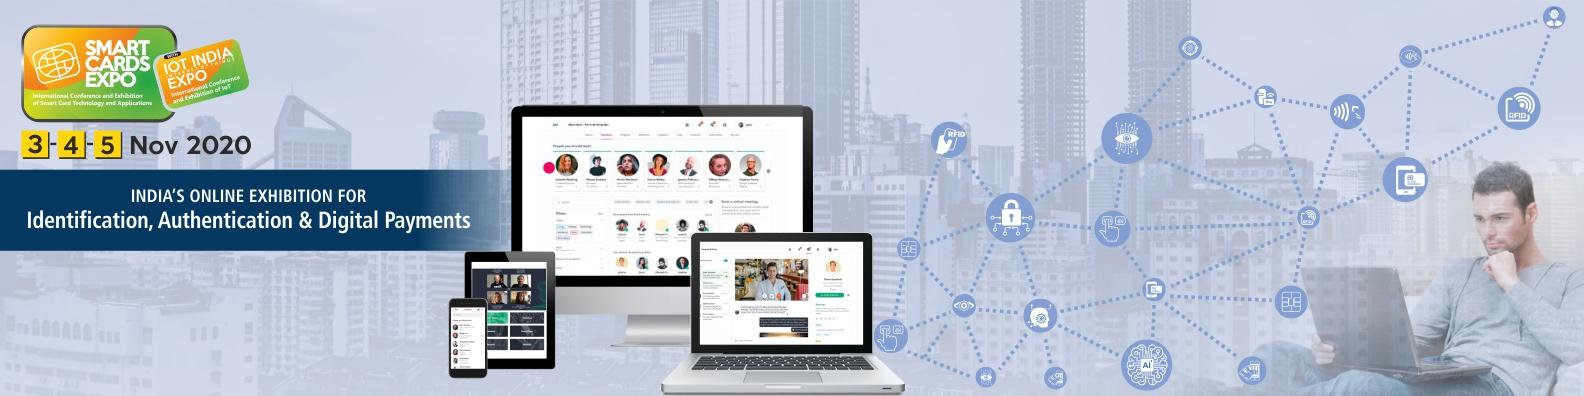 SmartCards Online Expo